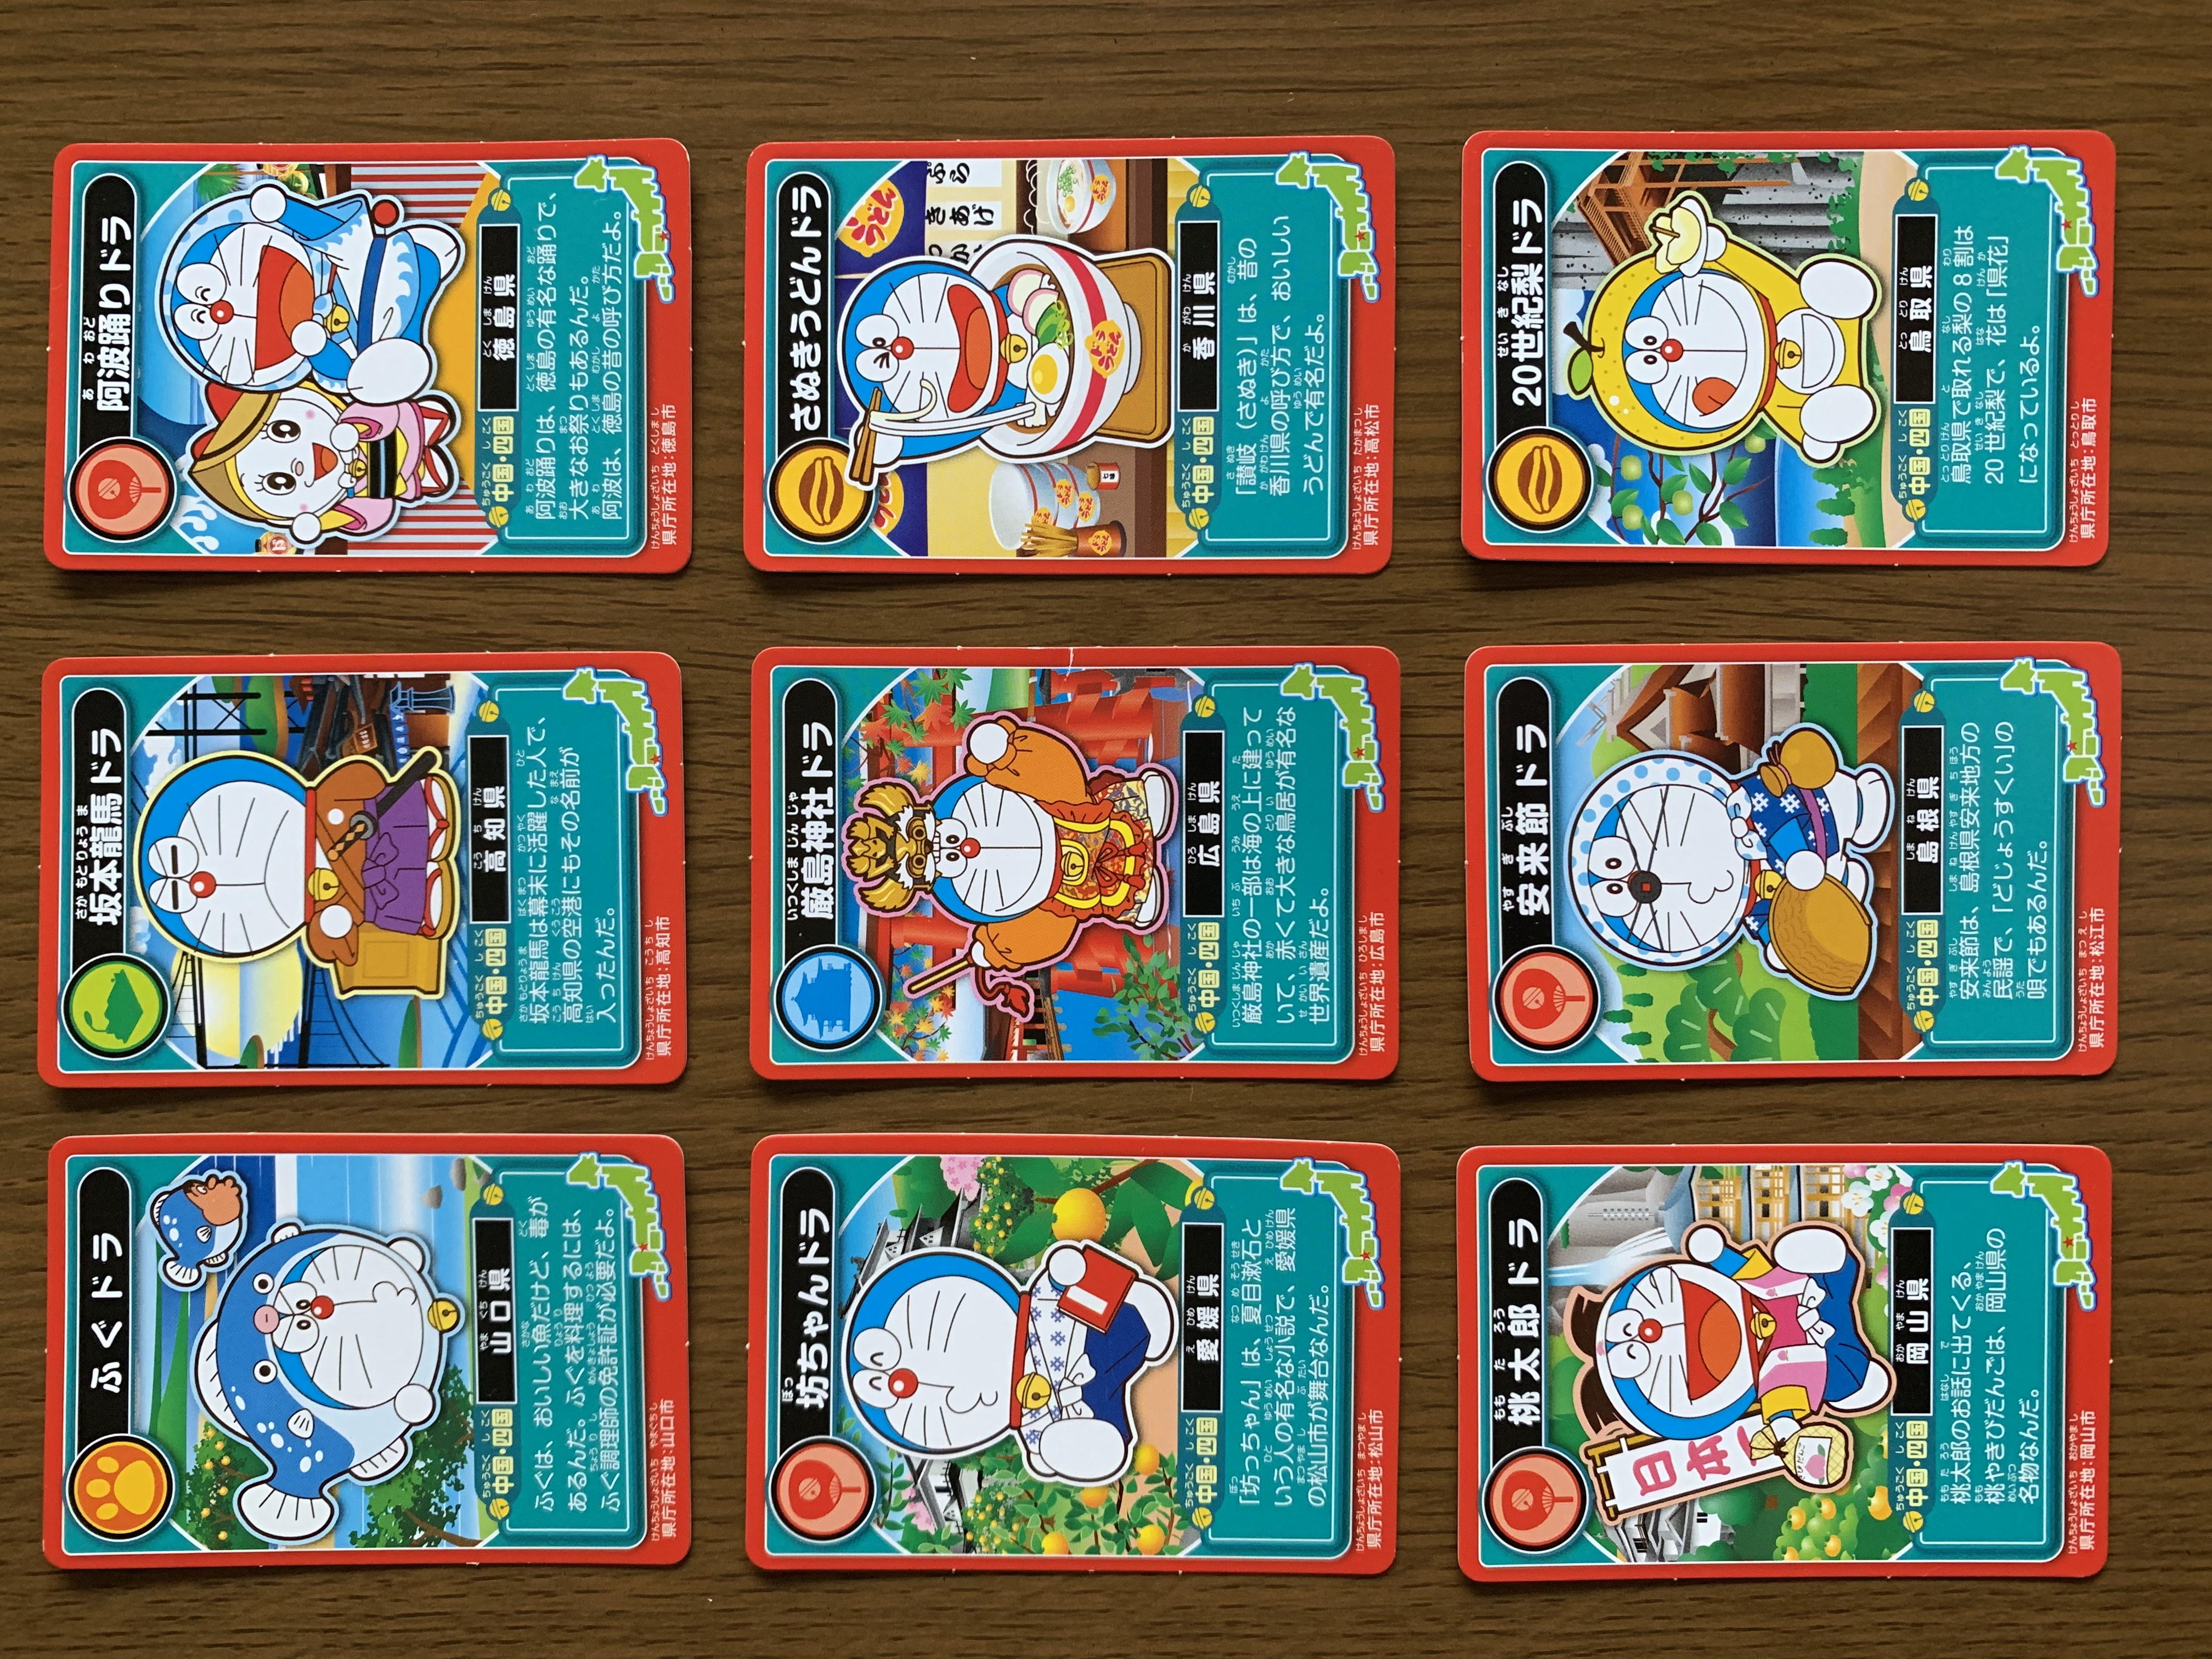 img 1599 - ボードゲーム「どこでもドラえもん日本旅行ゲーム」をやってみた